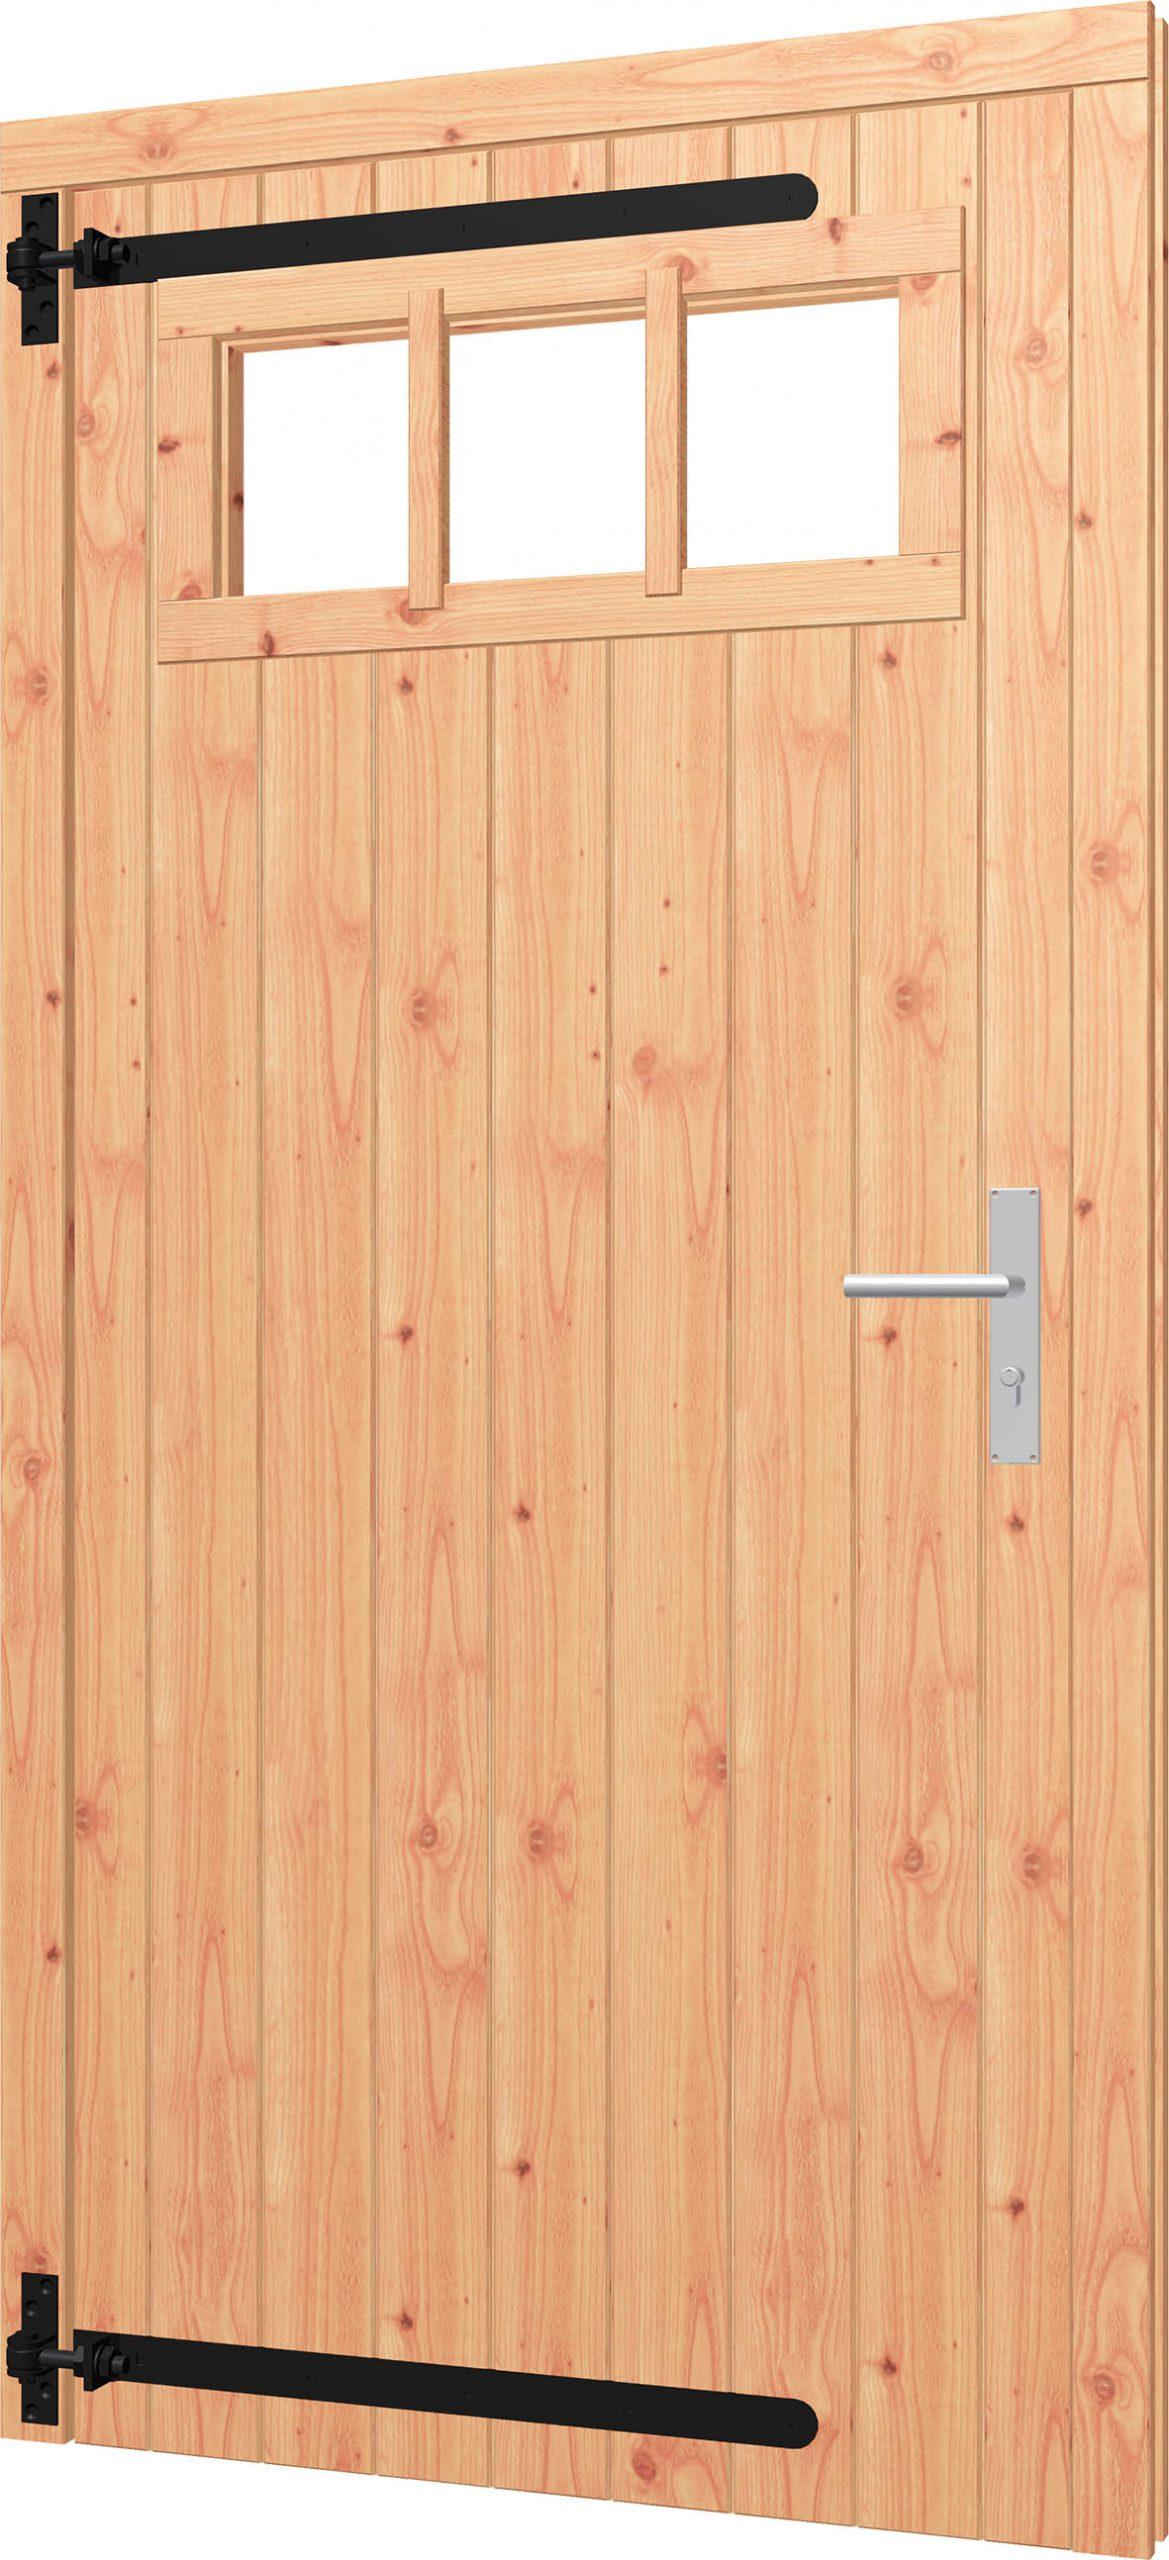 Opgeklampte deur enkel met bovenraam